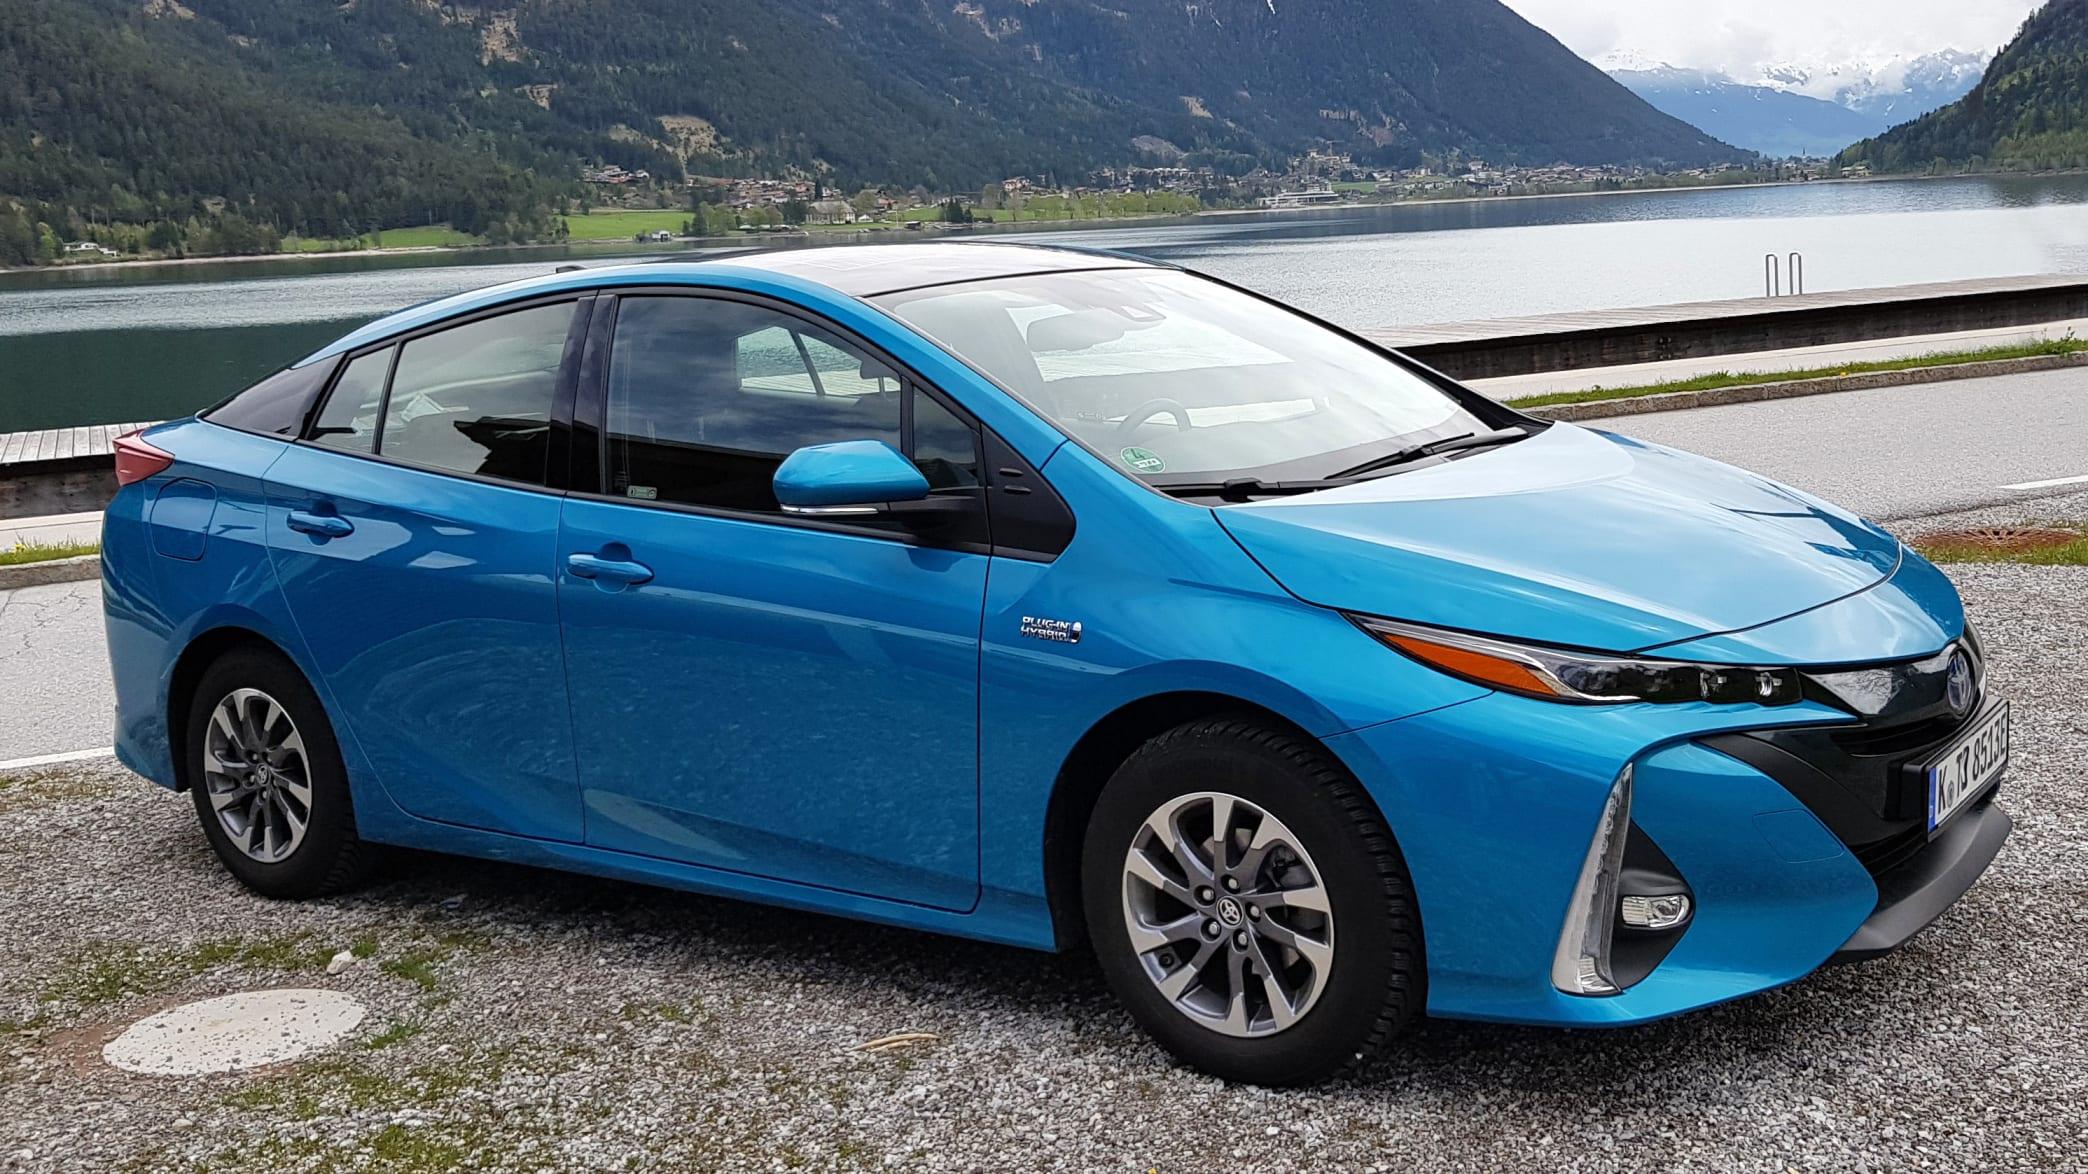 Seitenansicht des Toyota Prius Hybrid stehend